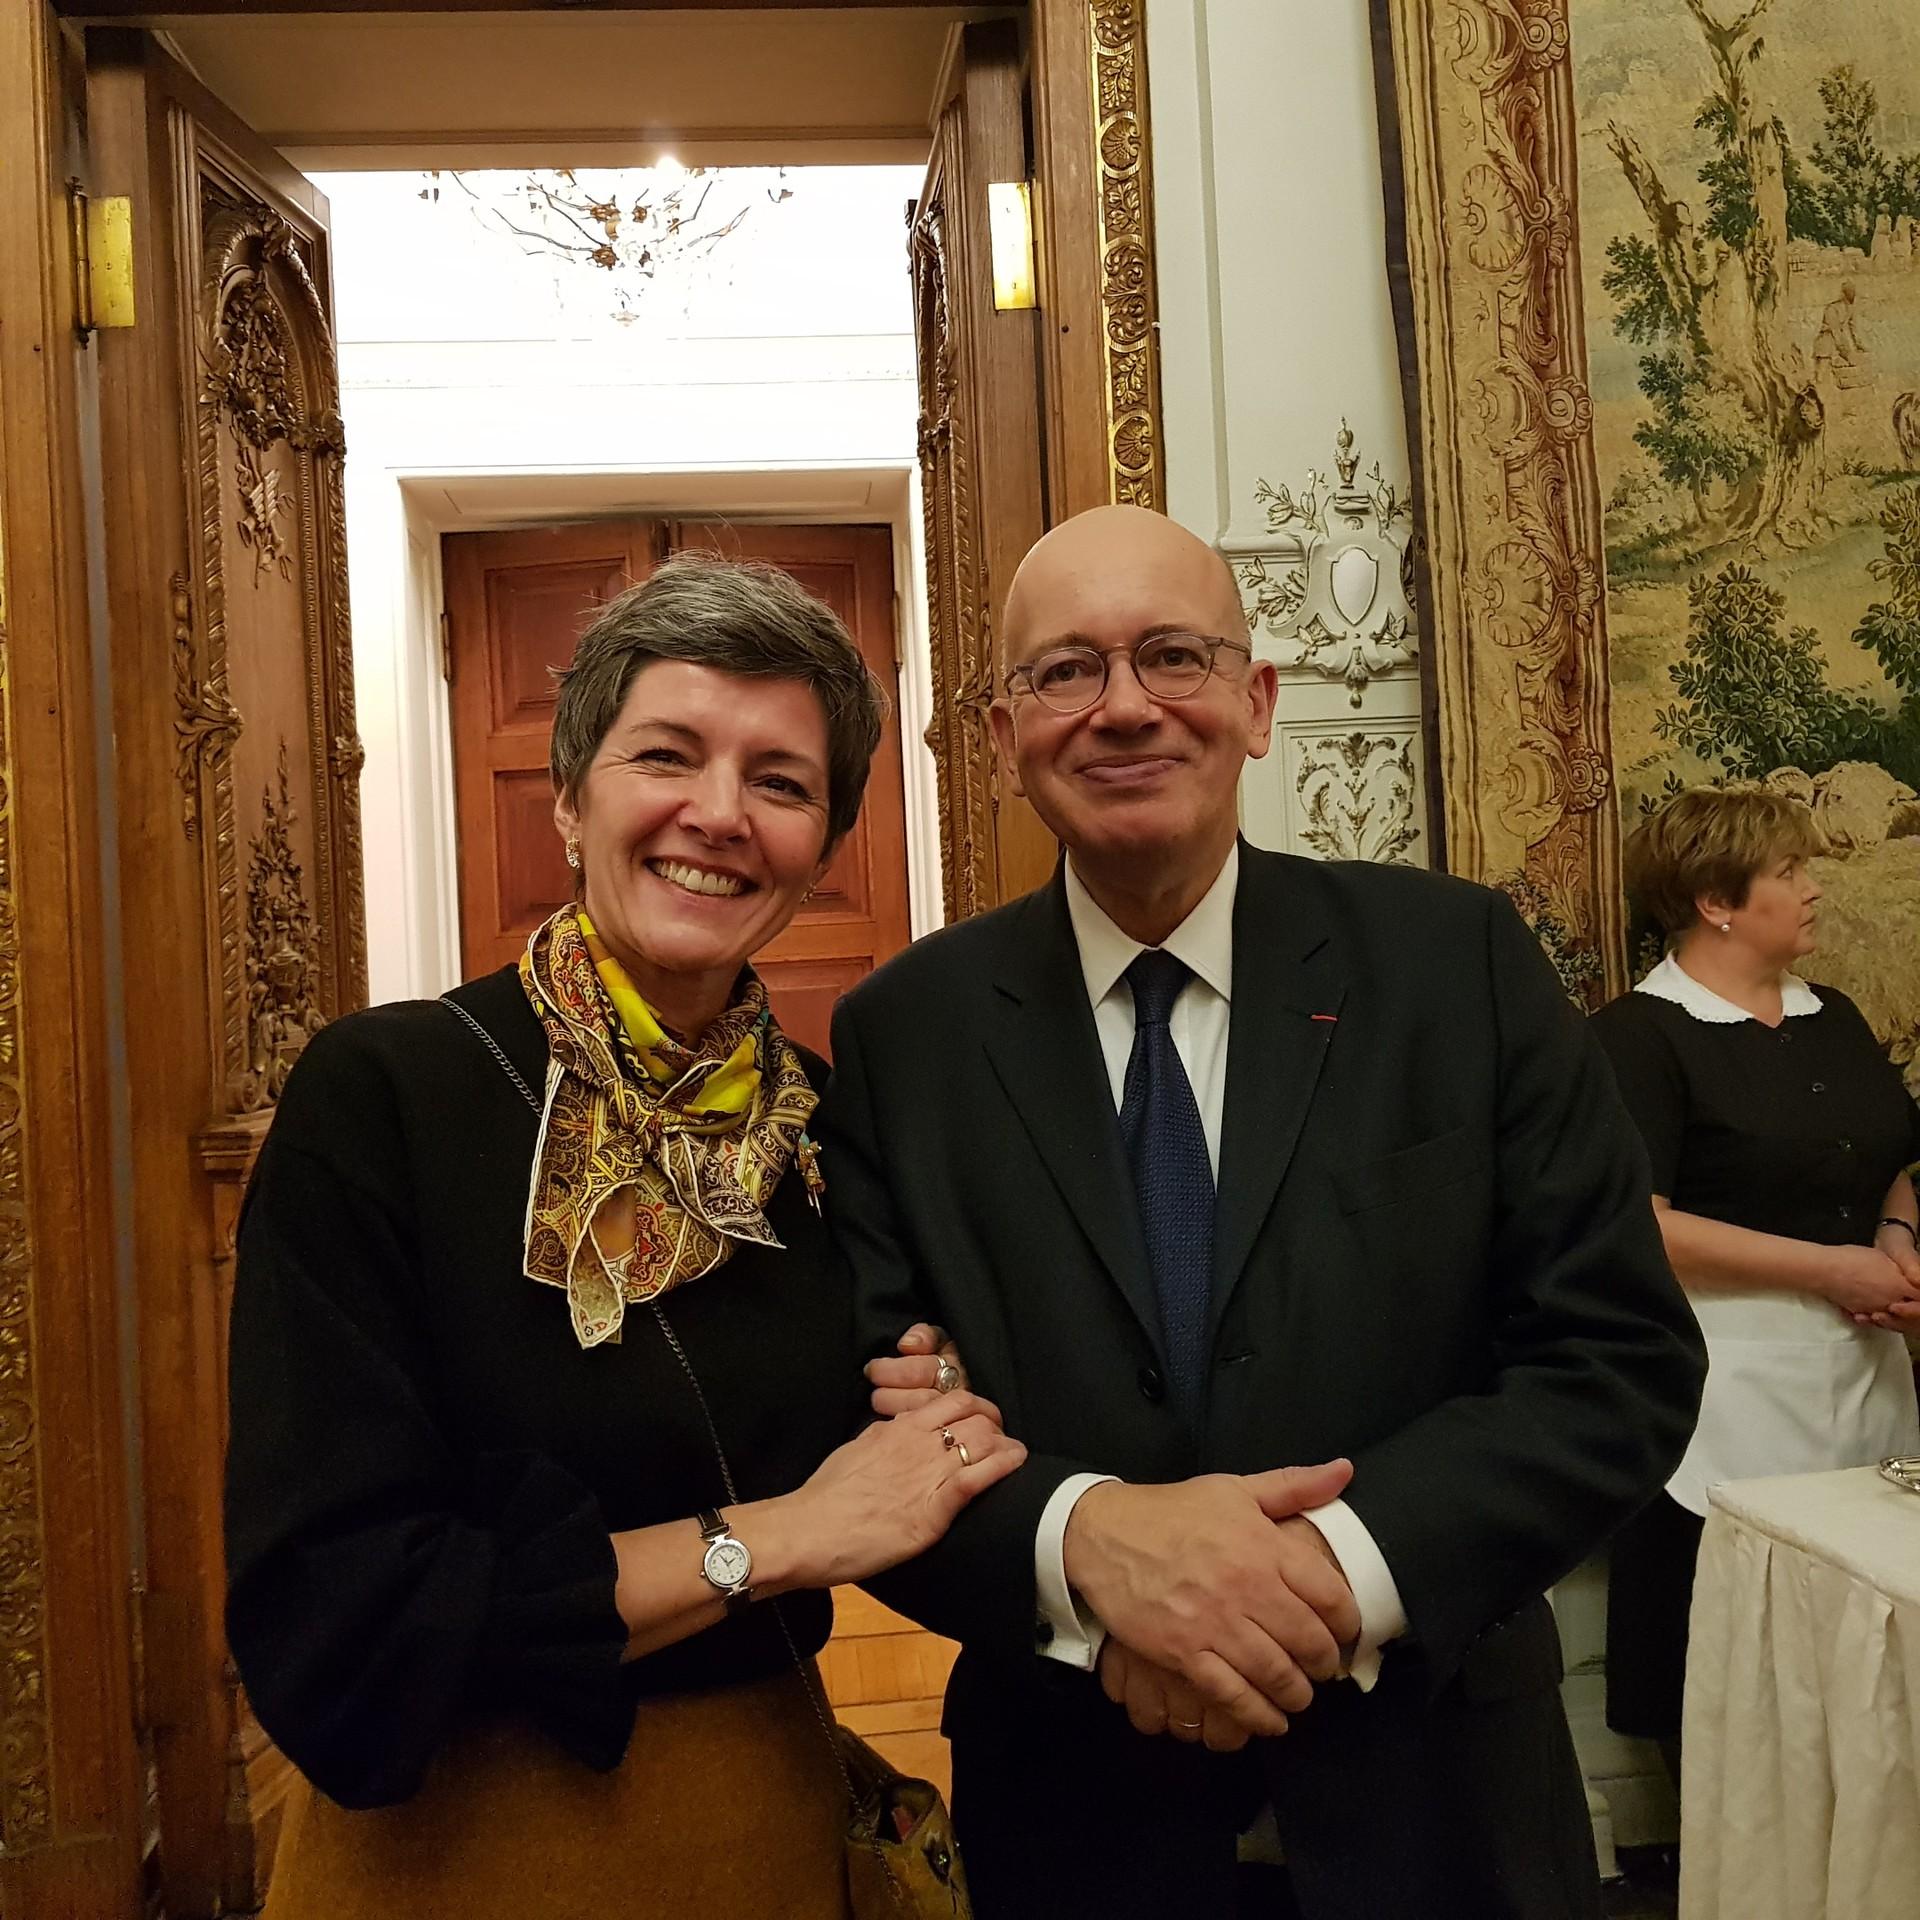 Cécile Rogue et Pierre Lévy, ambassadeur de France en Russie